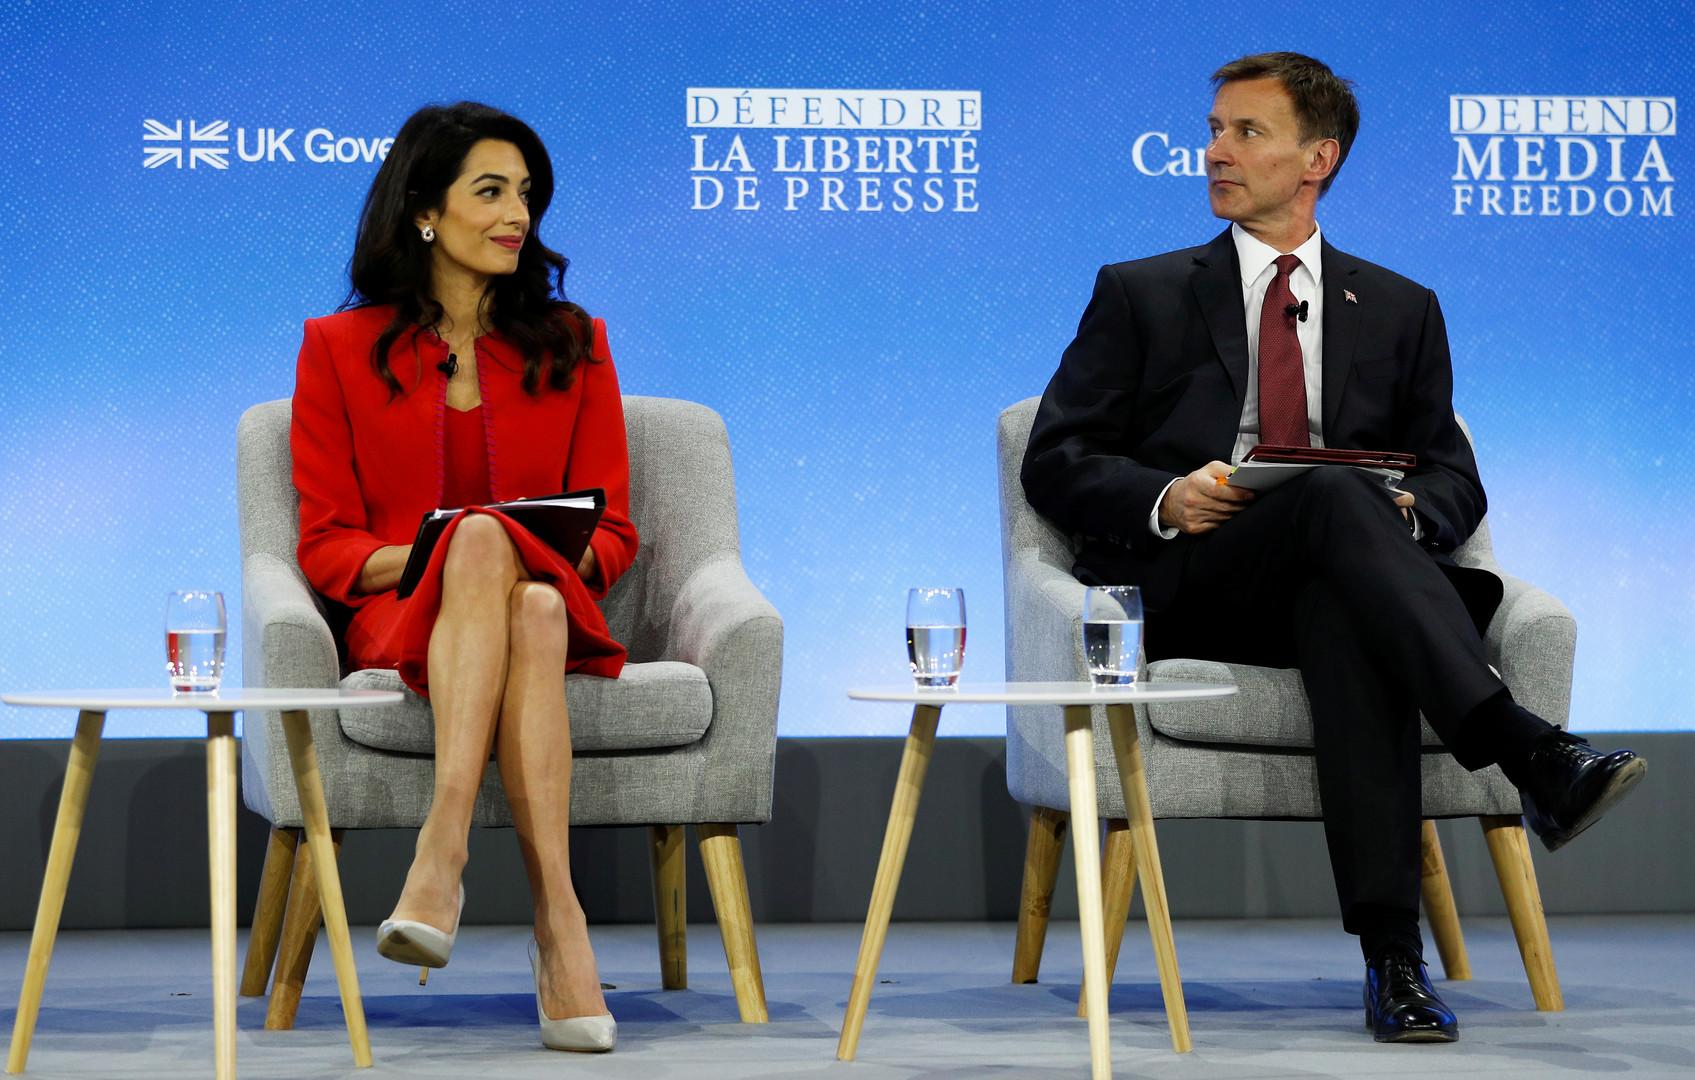 وزير الخارجية البريطاني جيريمي هانت ومبعوثته الخاصة لشؤون حرية وسائل إعلام أمل كلوني في المؤتمر العالمي لحرية وسائل الإعلام في لندن، 10 يوليو 2019